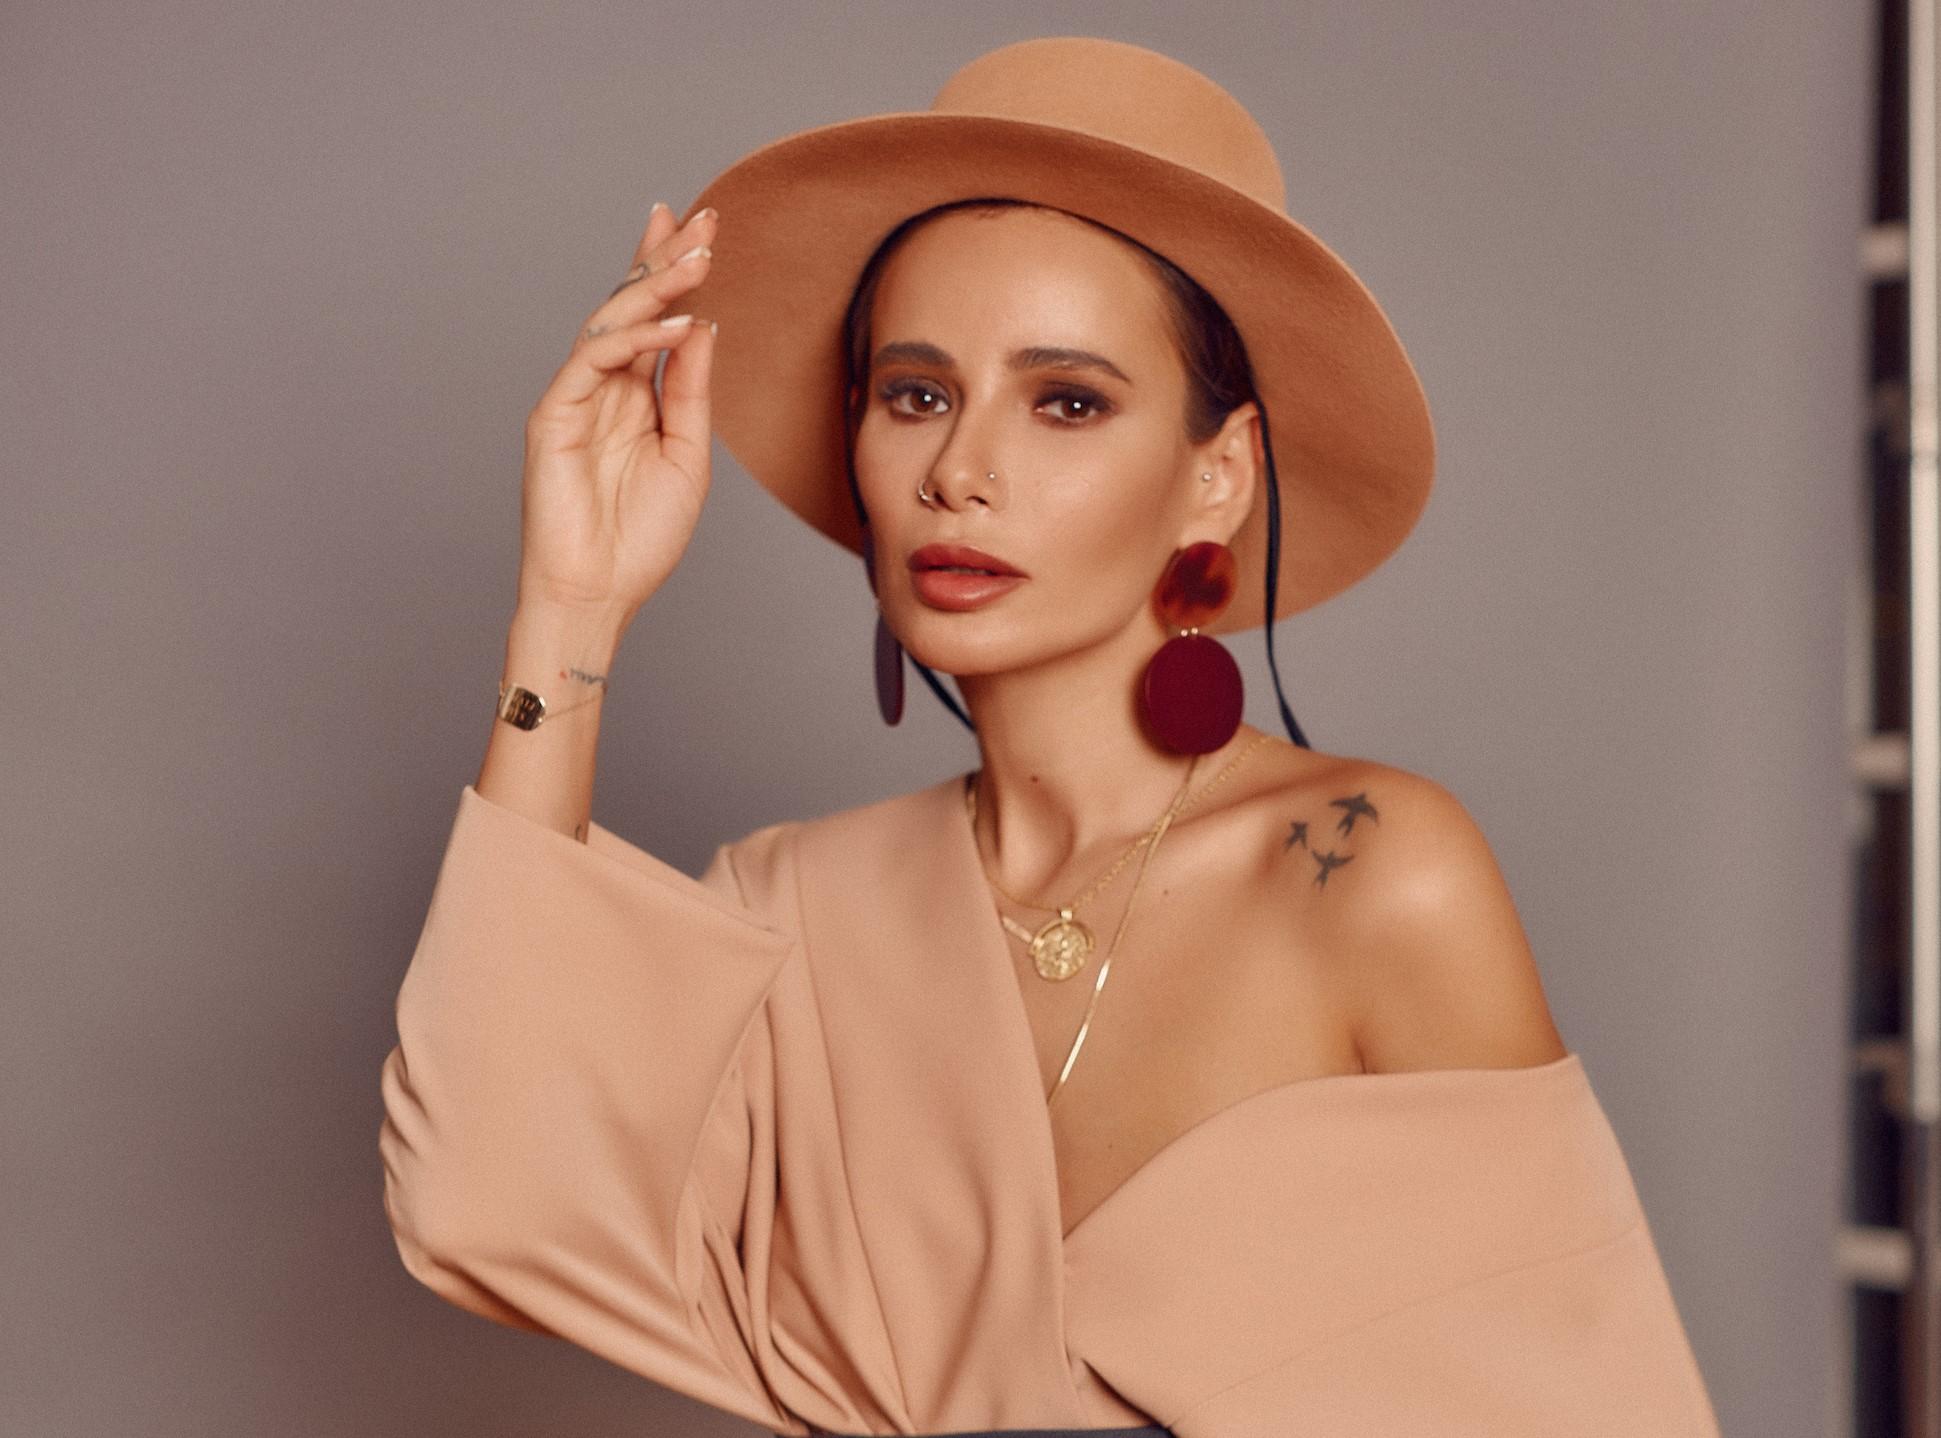 Добавь в заметки: как попасть к косметологу Айзы Анохиной?